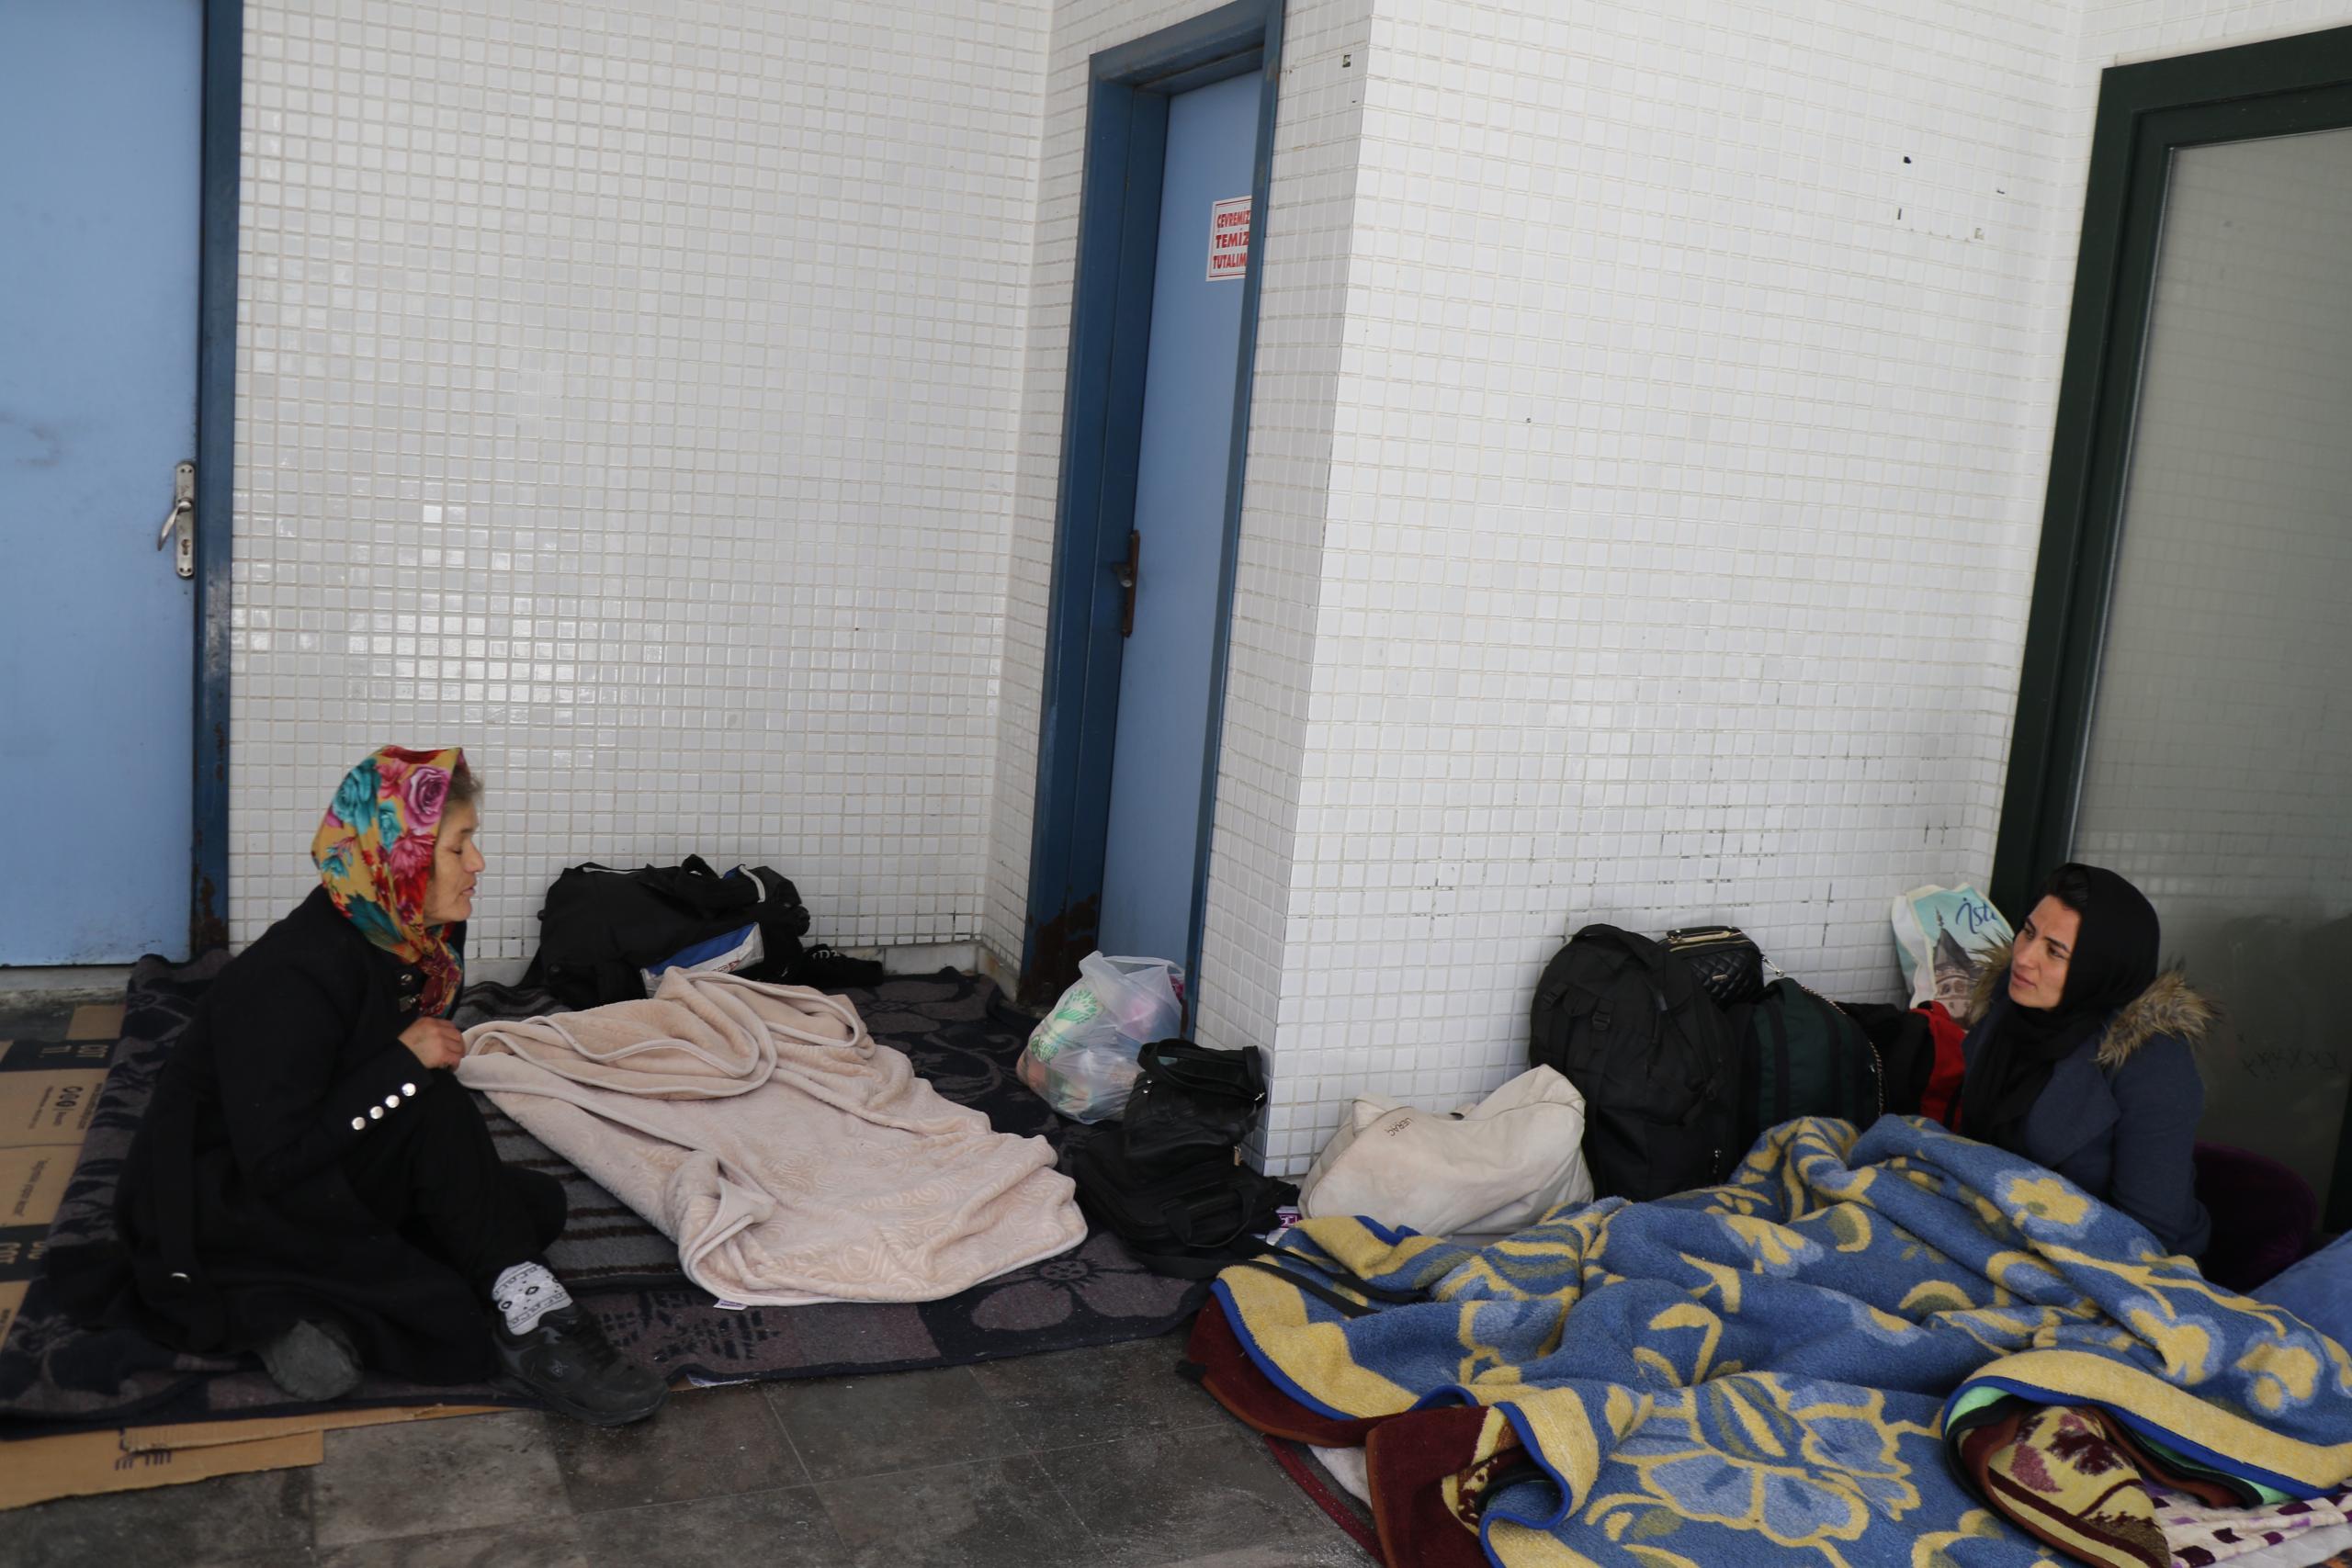 İbadete kapatılan camilere mülteciler yerleşti